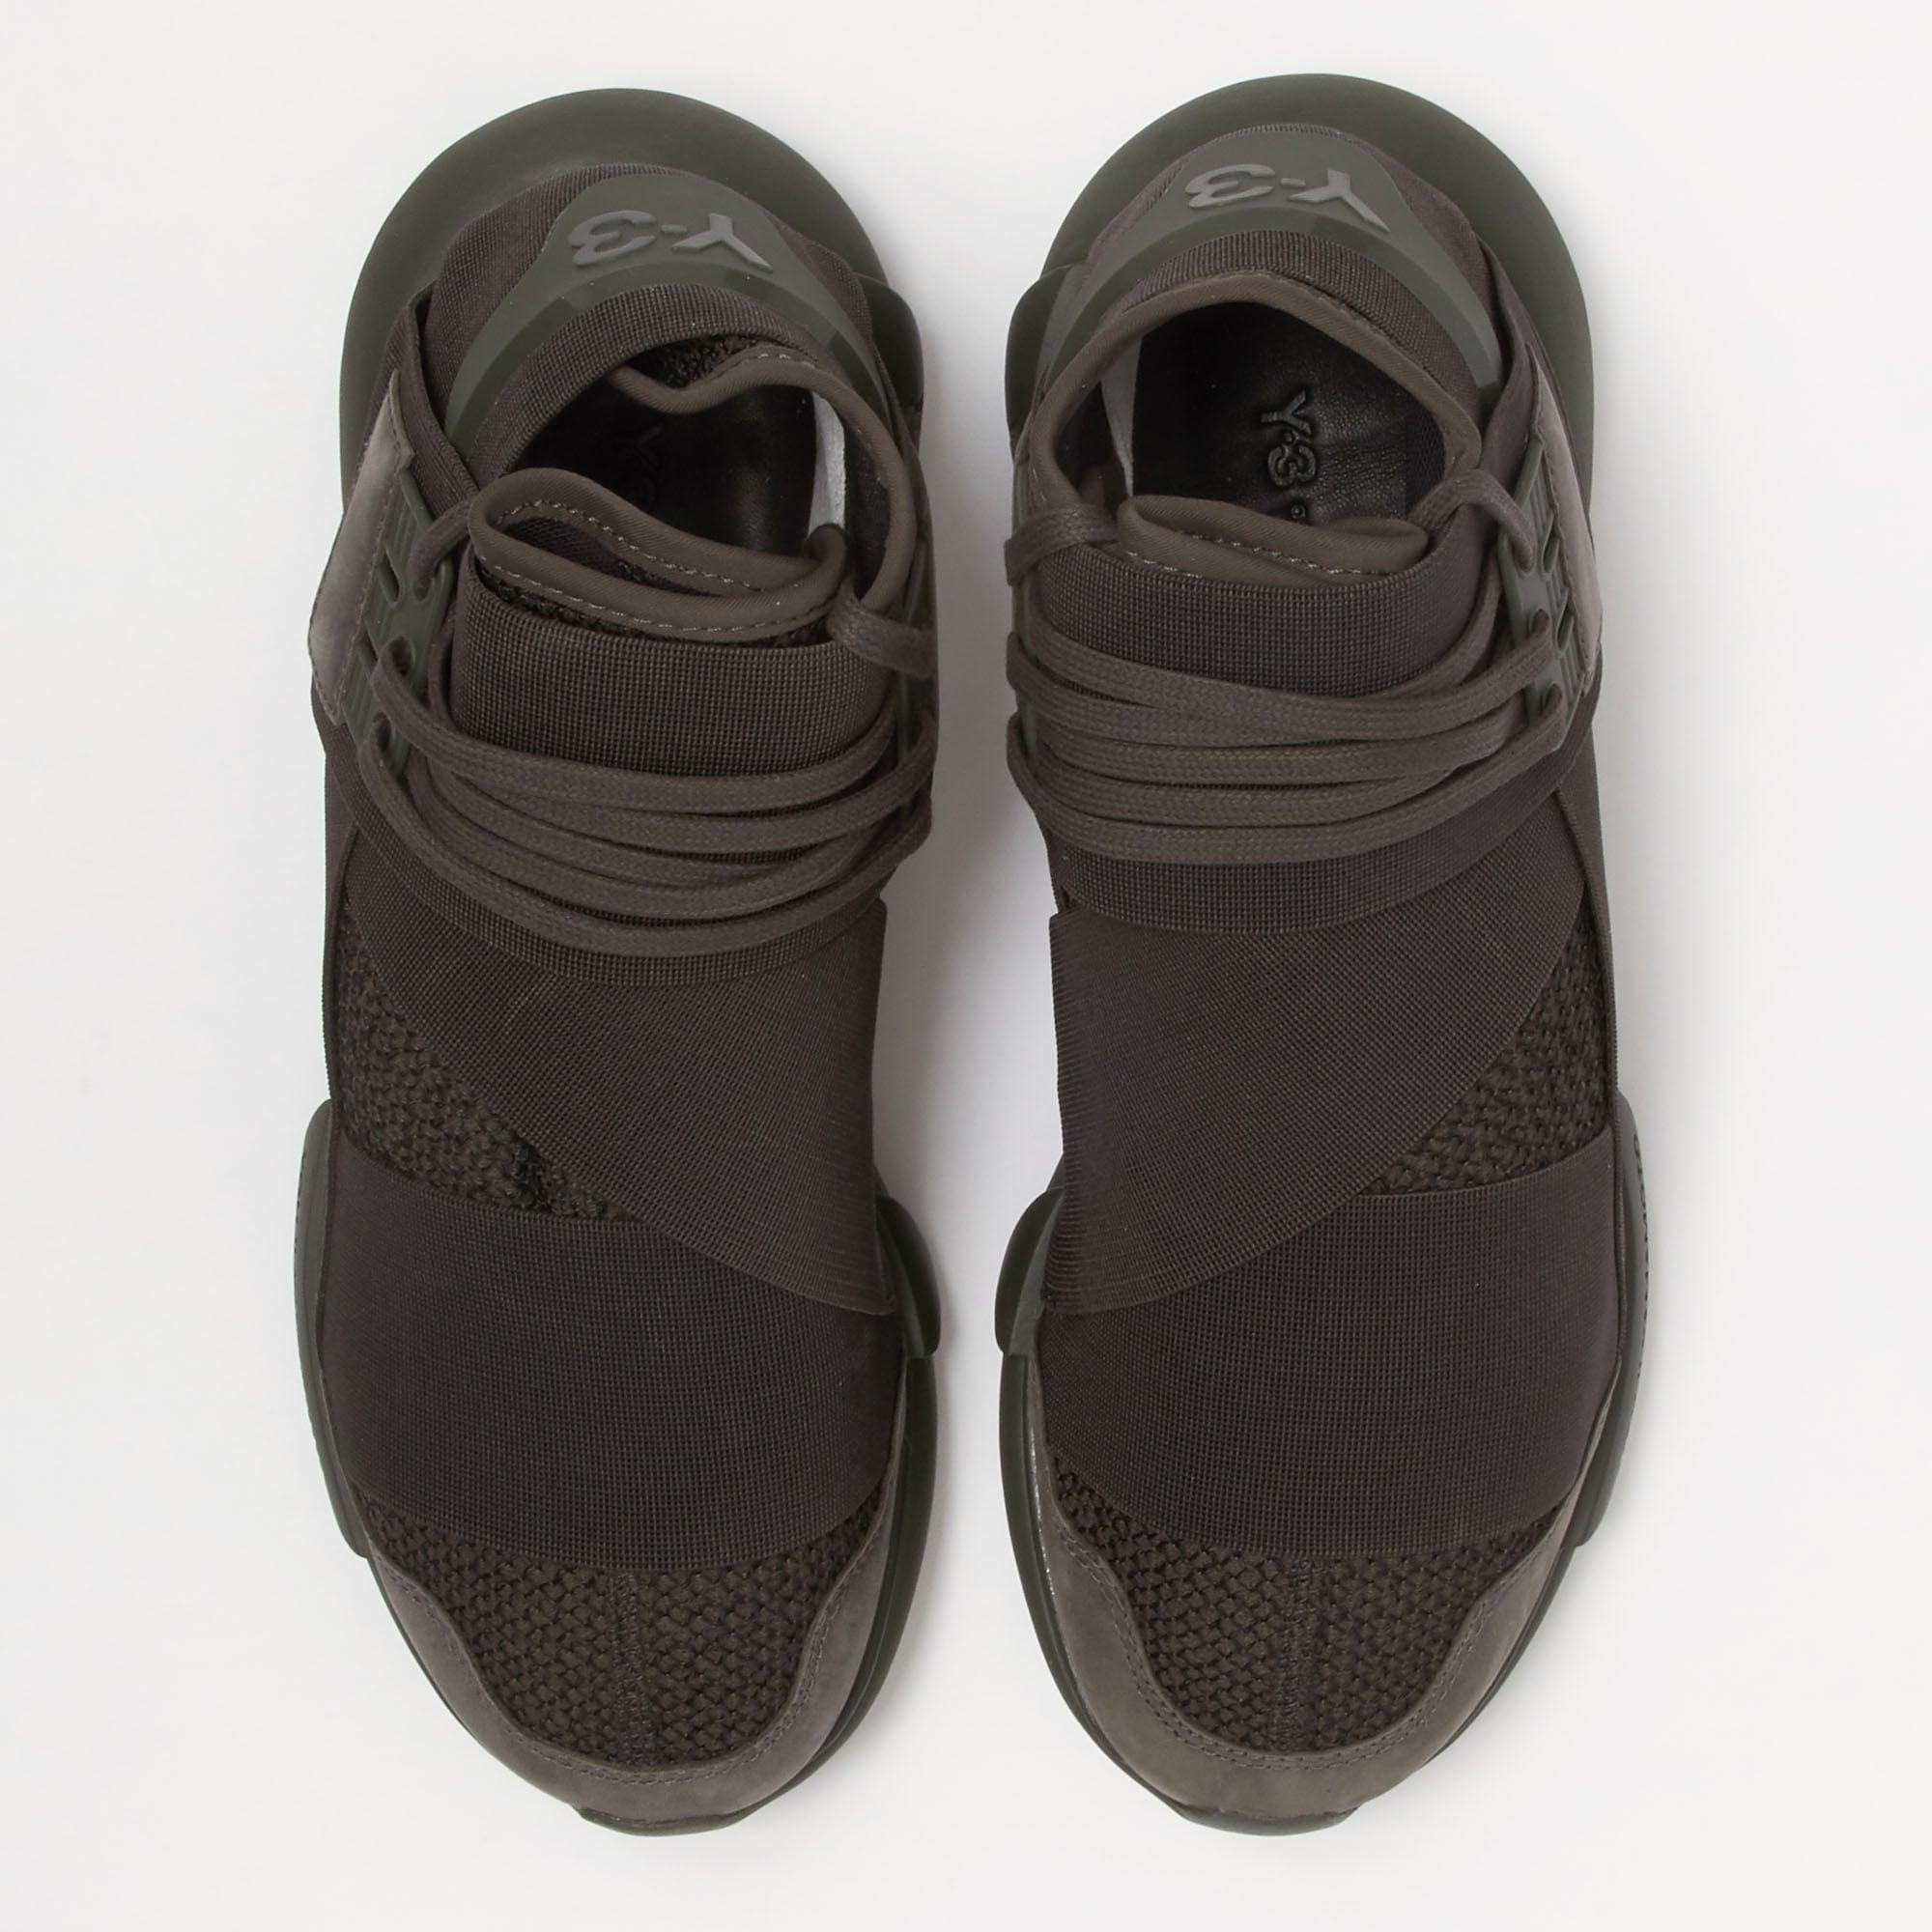 Adidas Y-3 Qasa High Black Olive